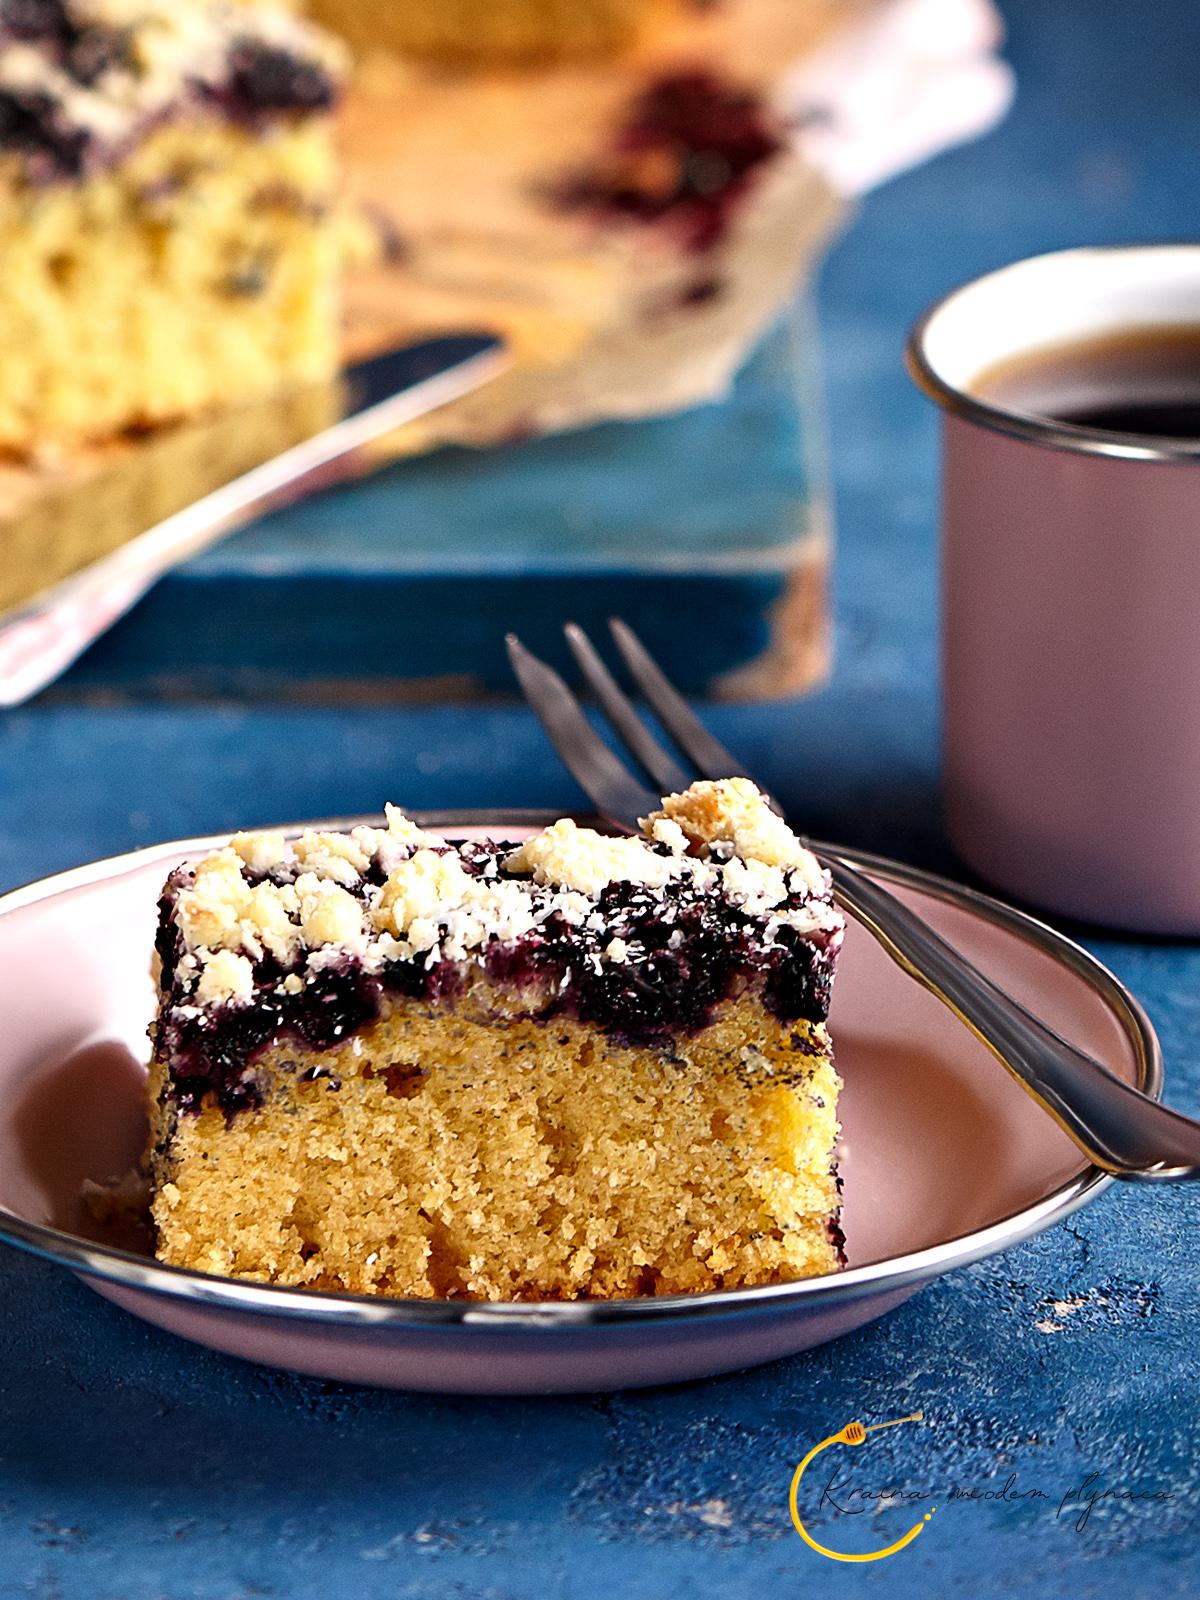 ciasto kokosowe, ciasto z jagodami, kokosowa kruszonka, ciasto z wiórkami kokosowymi, kruszona z wiórkami kokosowymi, ciasto na mleku kokosowym, kraina miodem płynąca, fotografia kulinarna szczecin